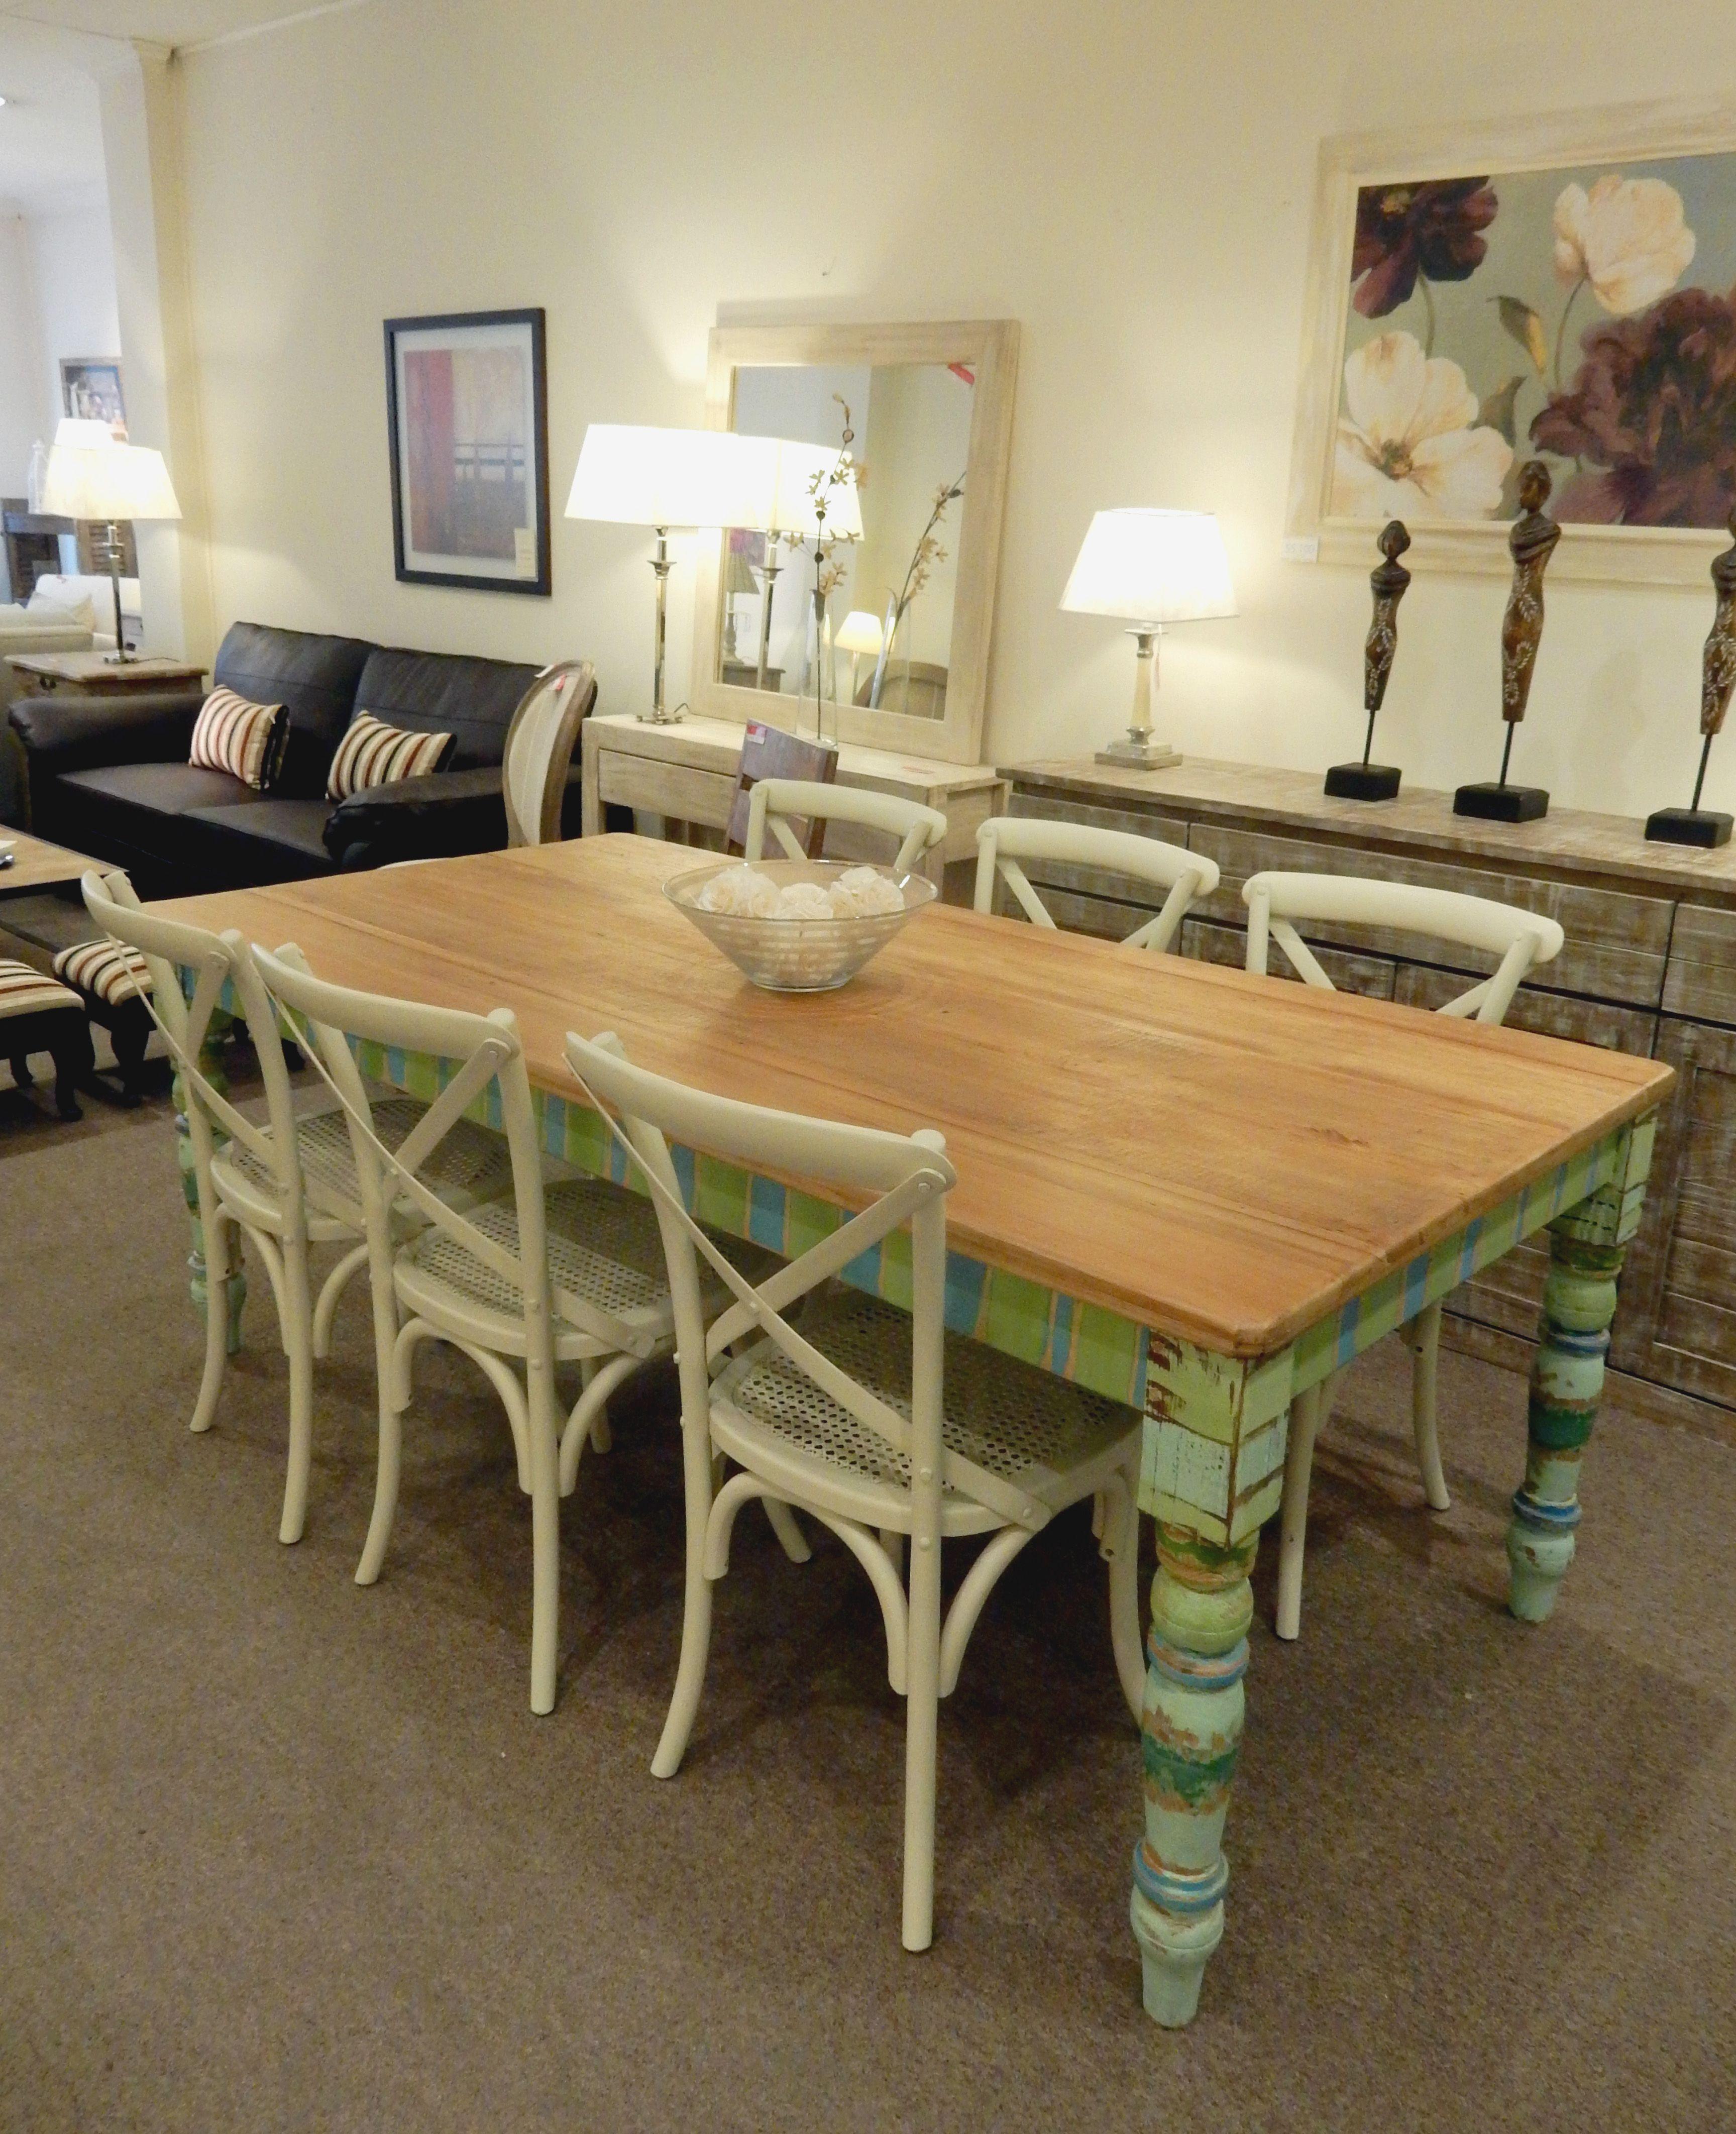 Mesa de comedor de estilo shabby chic muebles for Muebles estilo shabby chic